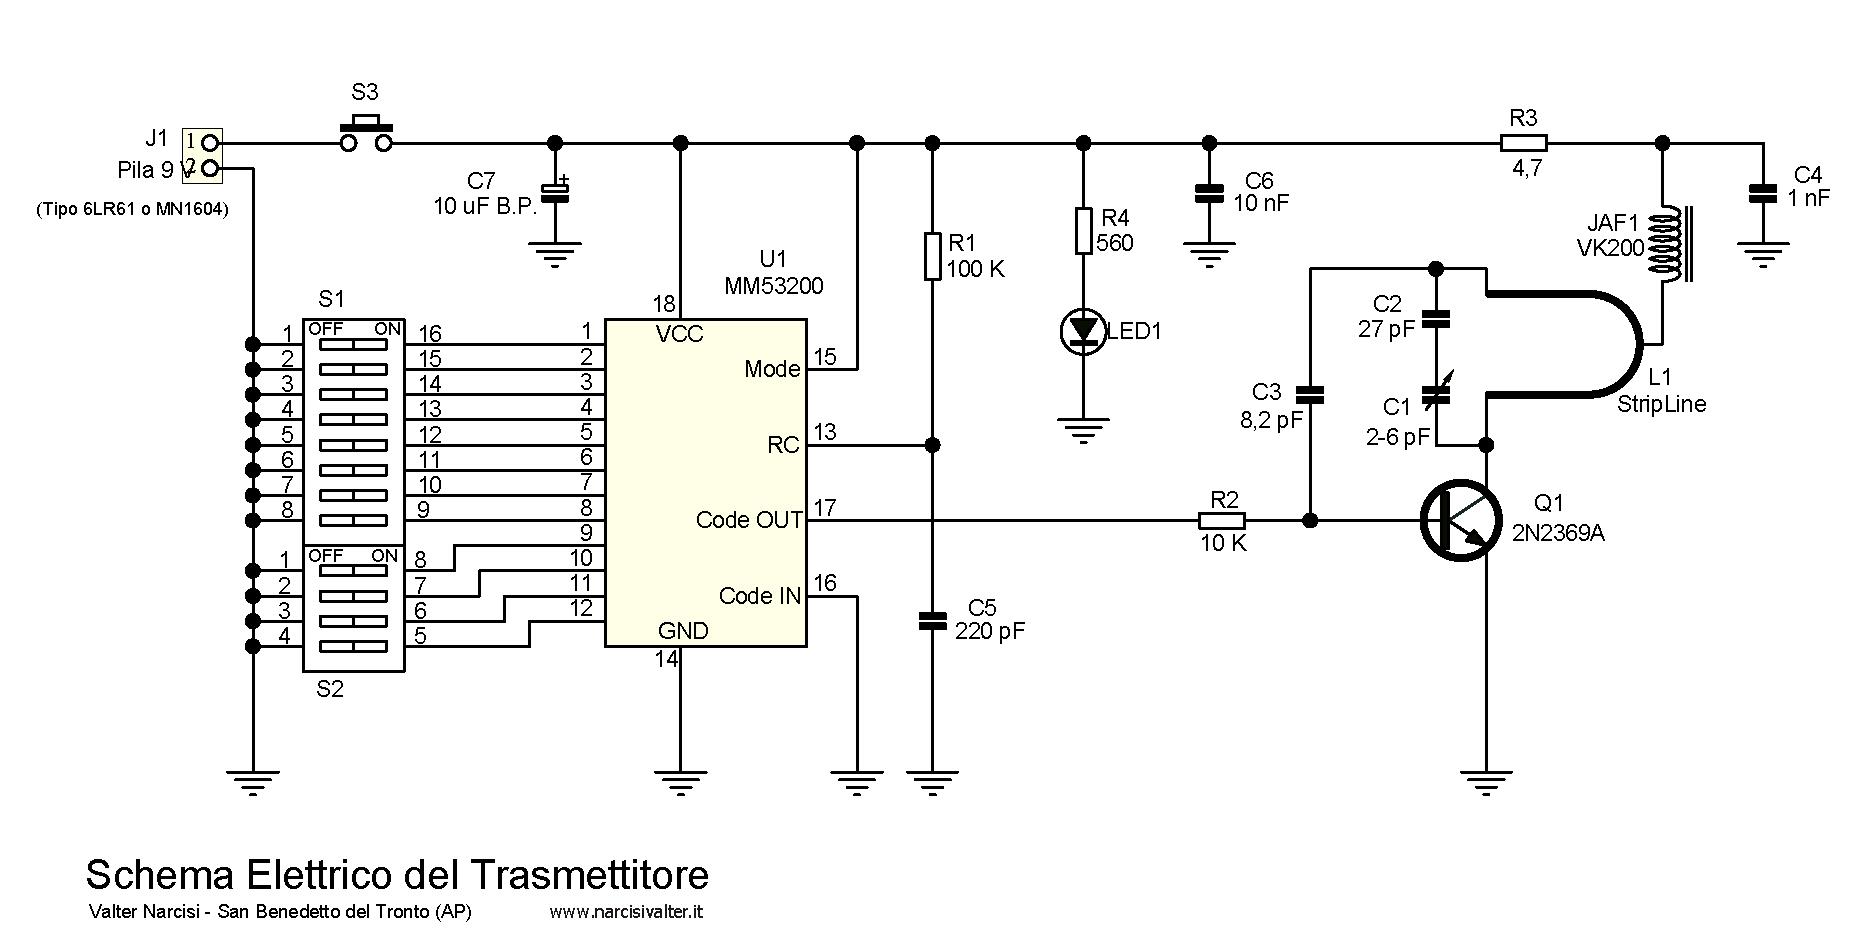 Schema Elettrico Zip Fast Rider : Schema elettrico trasmettitore fare di una mosca